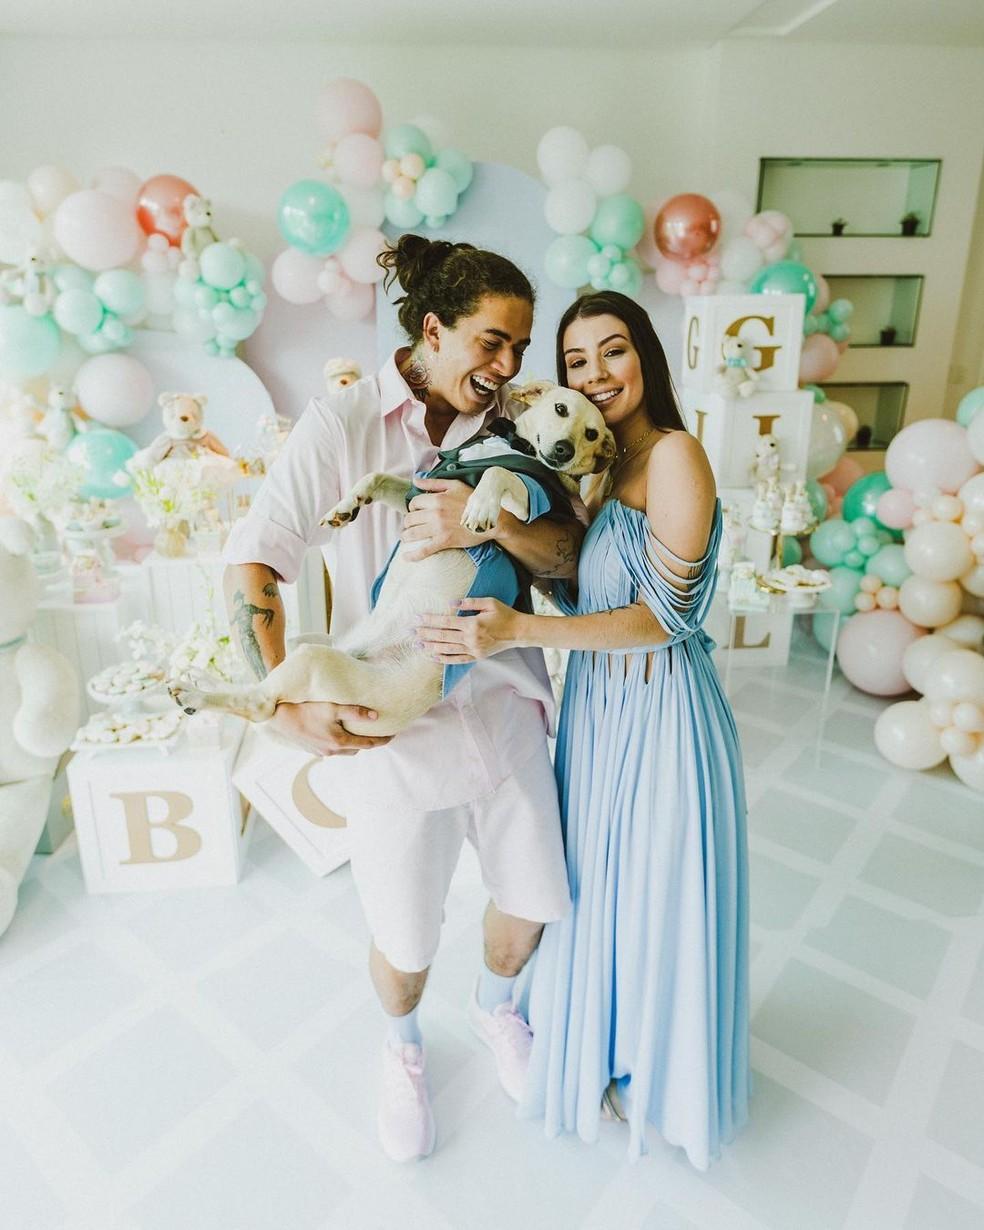 Whindersson Nunes e Maria Lina descobriram que esperavam um menino em março — Foto: Reprodução/Instagram/WhinderssonNunes